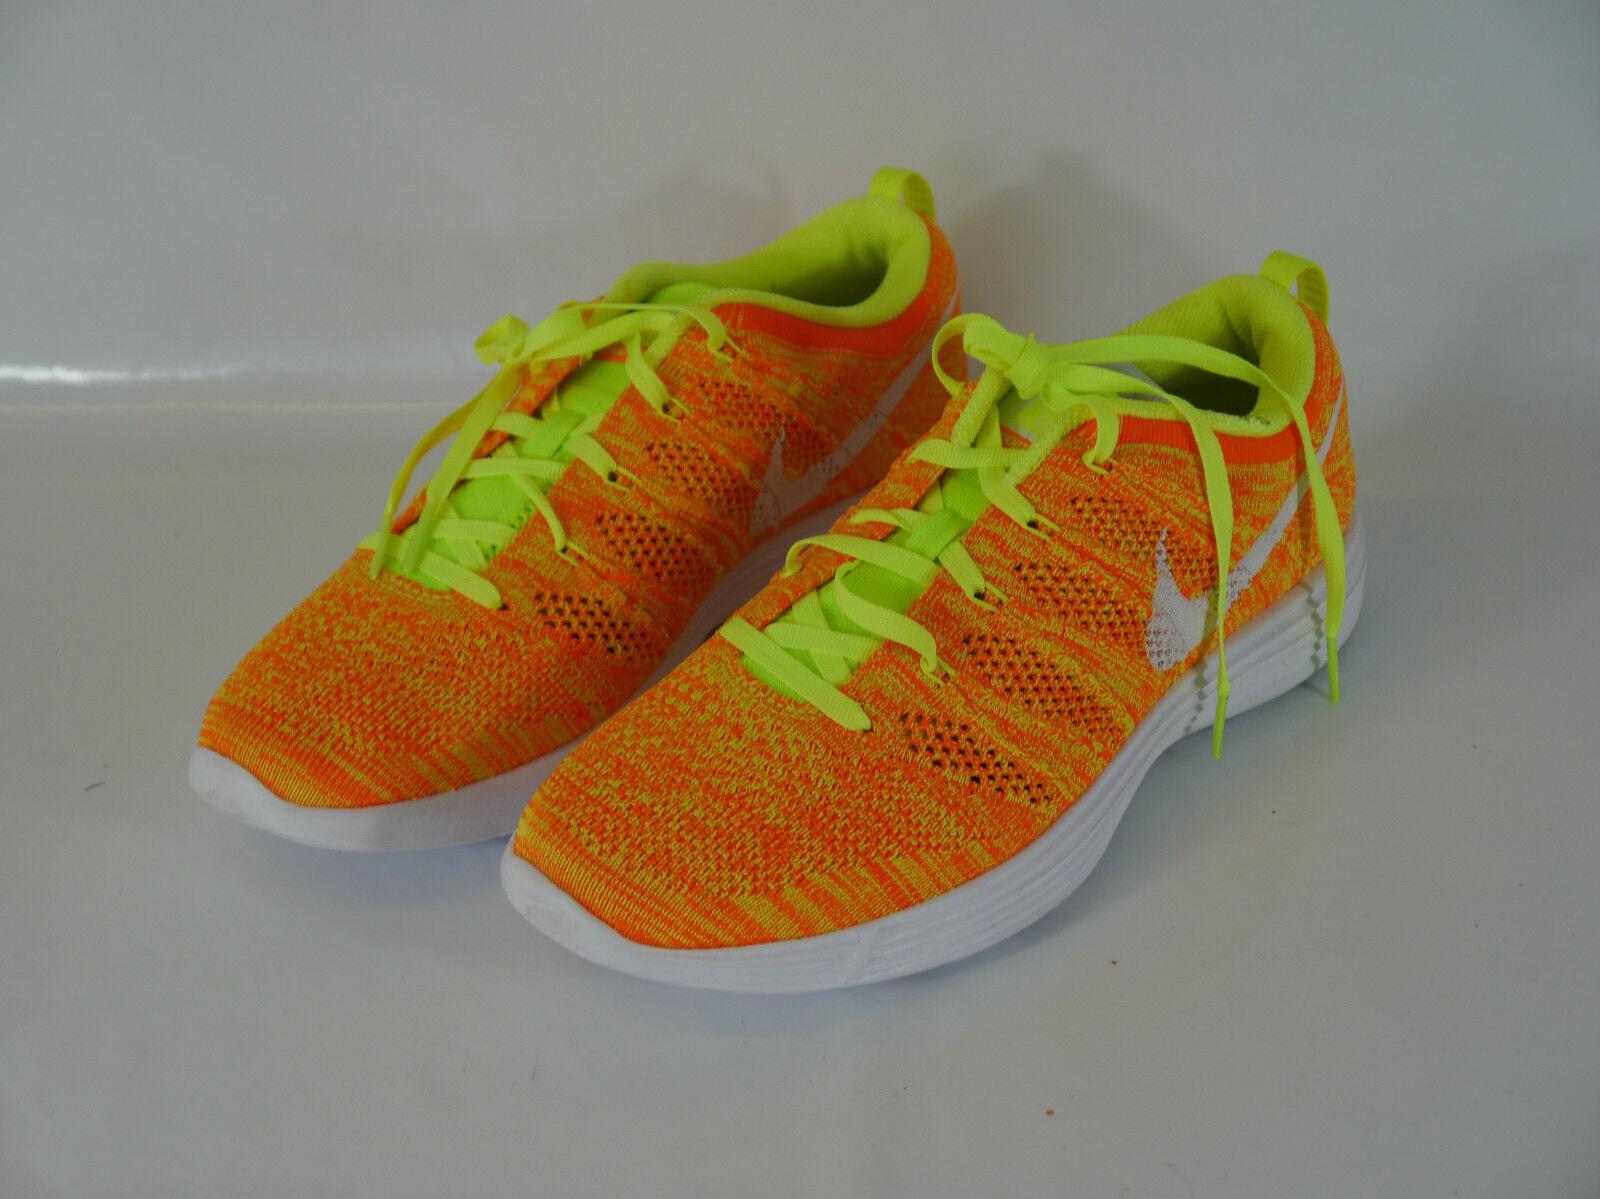 Nike Naranja Flyknit Para Mujer formadores BNIB Us 9 Eur 40.5